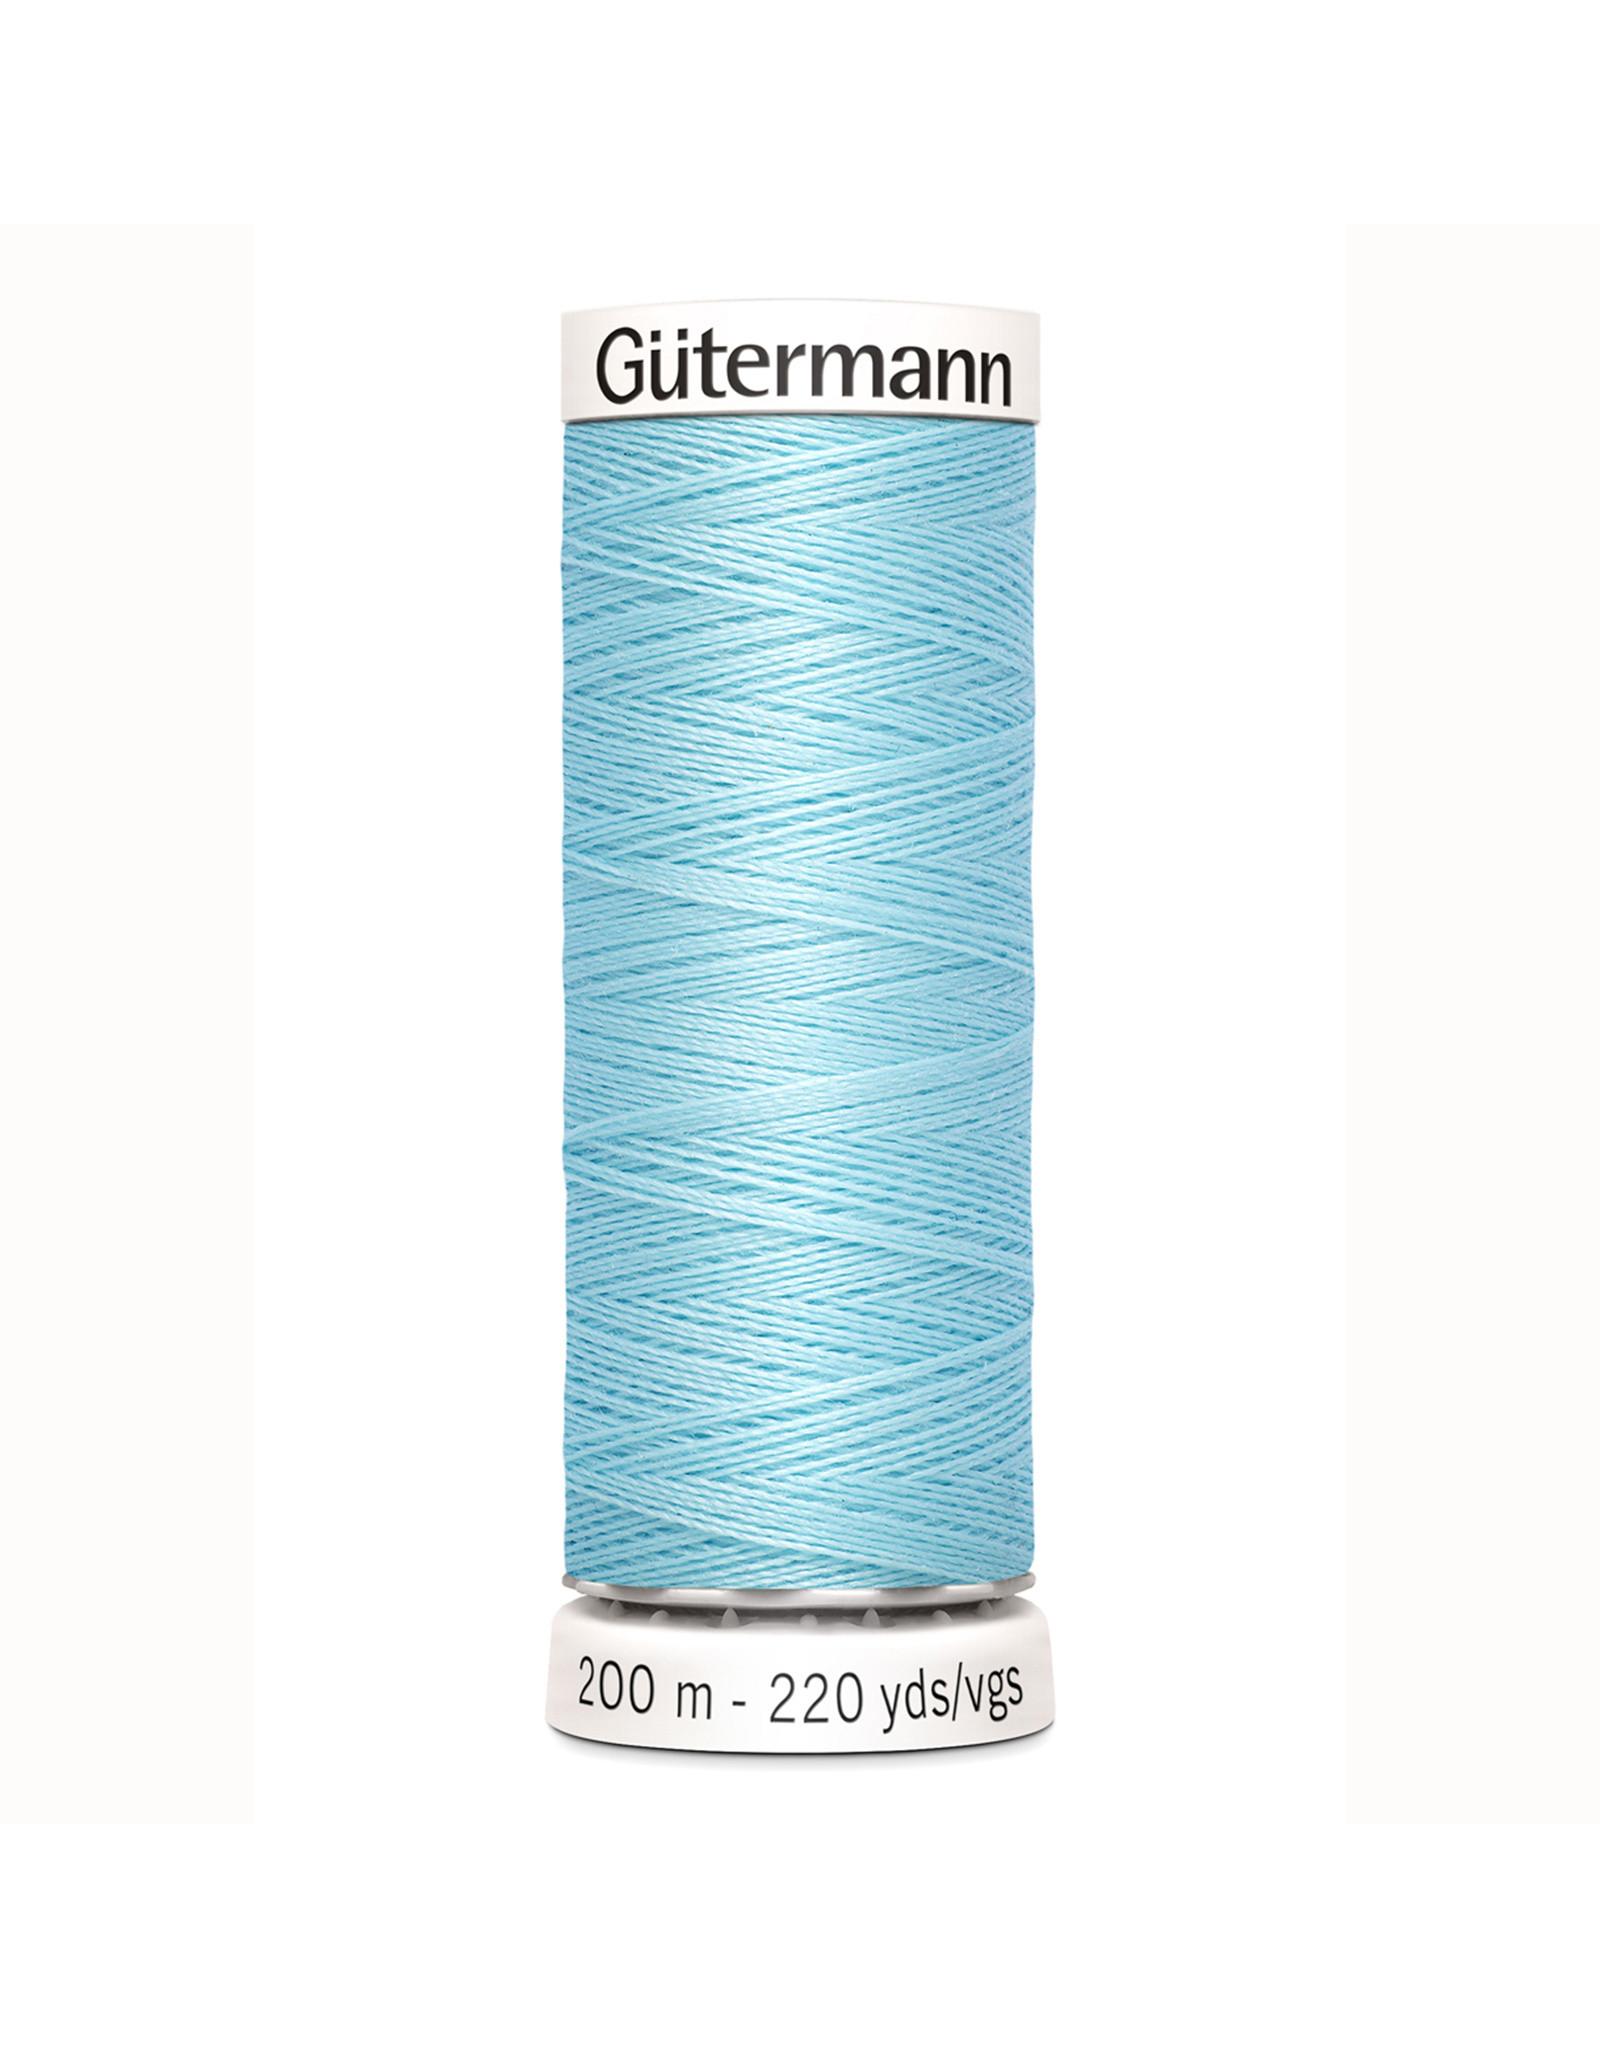 Gütermann Gütermann Sewing Thread 200 m - nr 195